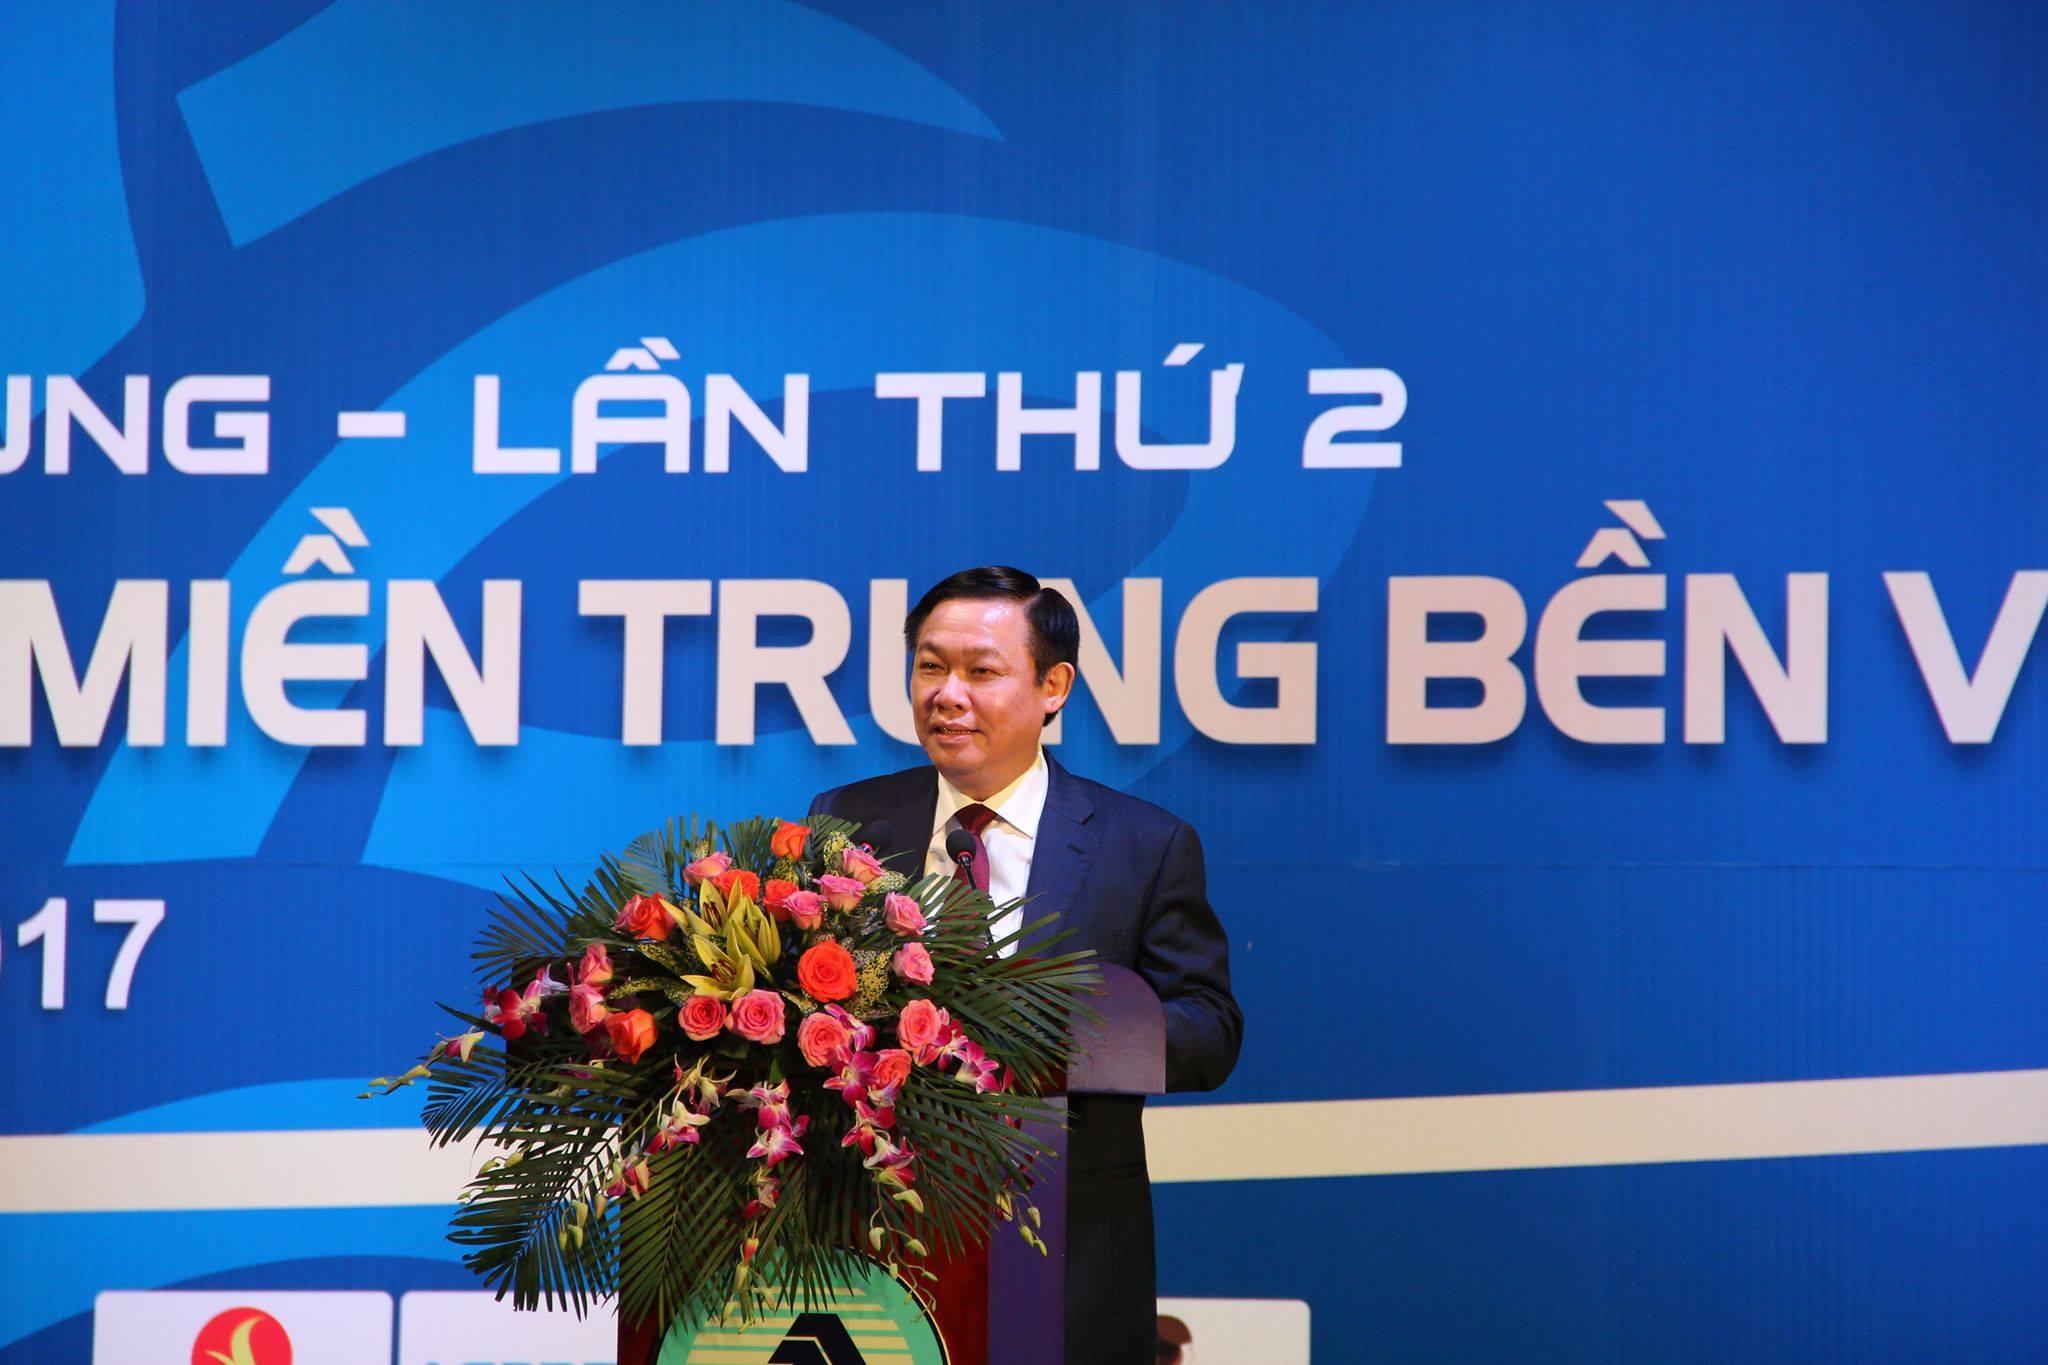 Xã hội - Phó Thủ tướng Vương Đình Huệ: Hy vọng miền Trung phát triển đột phá